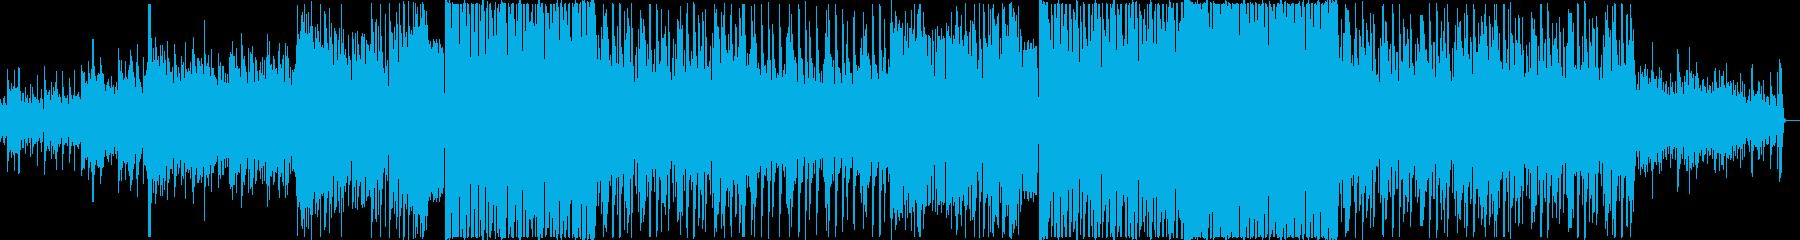 夏っぽい爽やかなEDMの再生済みの波形